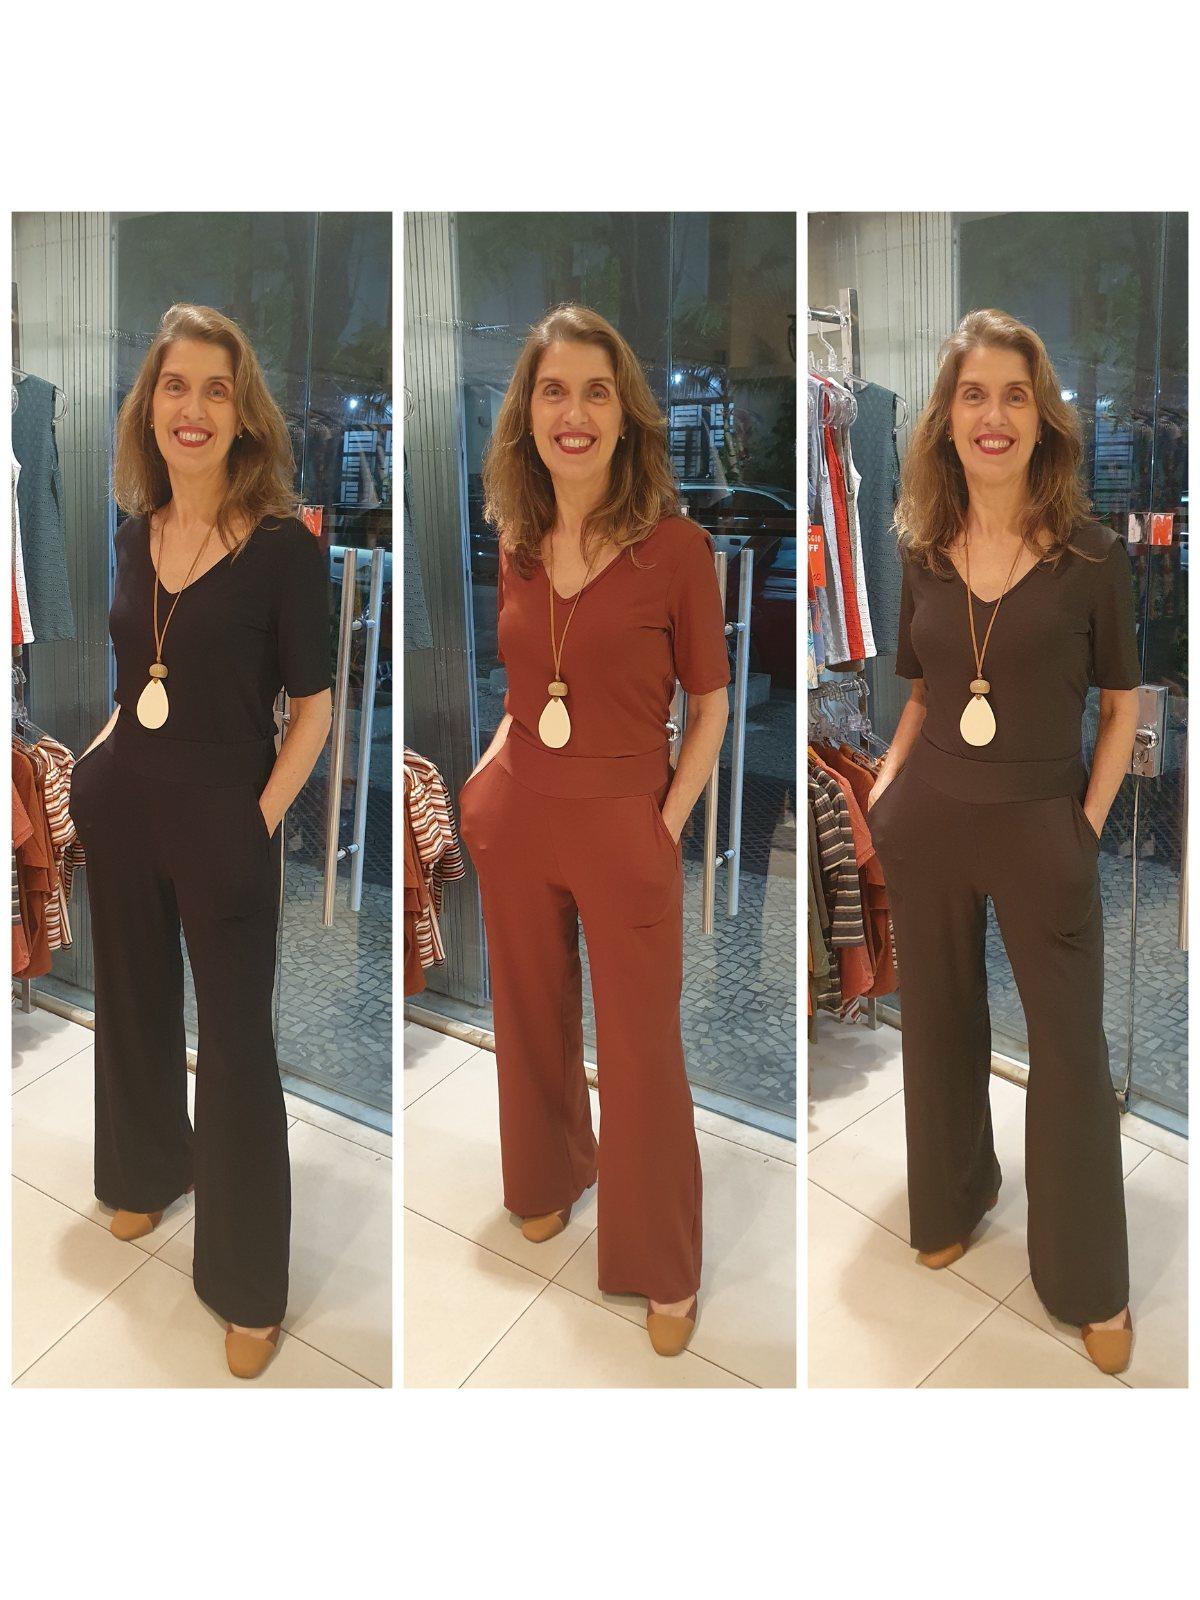 Calça Malha de Viscose Premium com Bolsos(Somente Calça) Conjunto Custa R$258,00